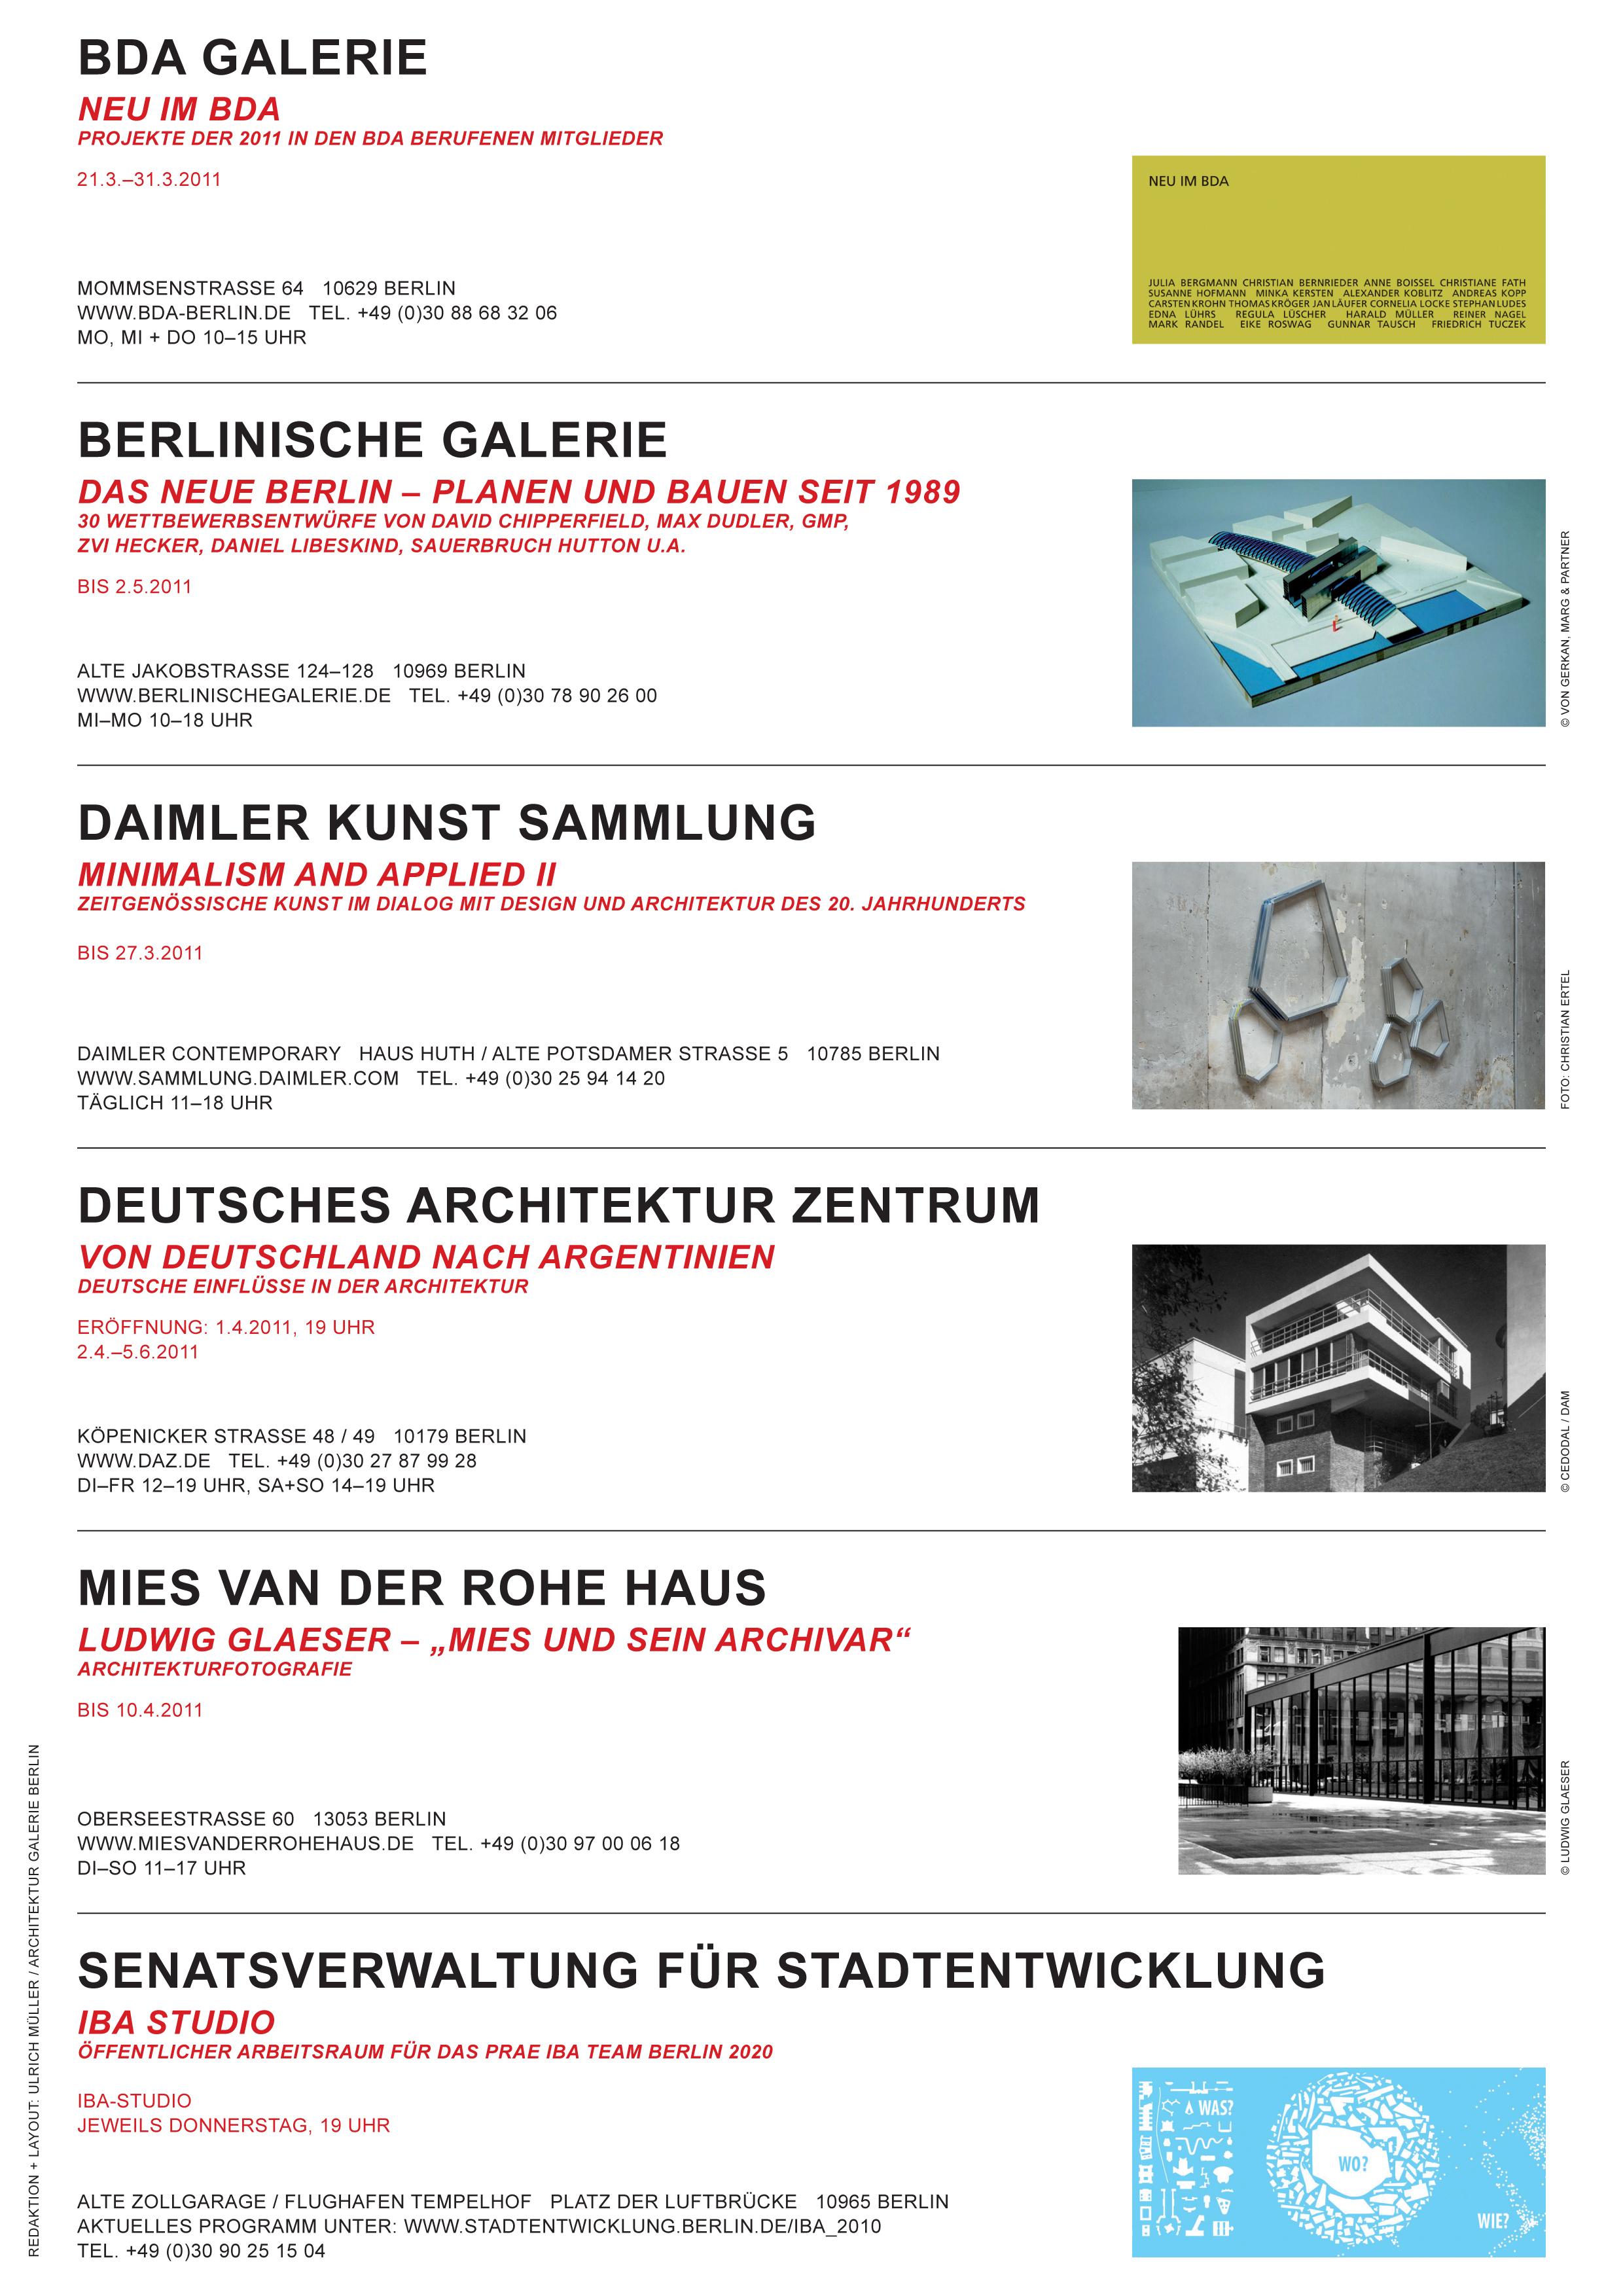 Architektur Ausstellungen Berlin von Ulrich Müller (Teil 2 von Ausgabe 03/04-2011)